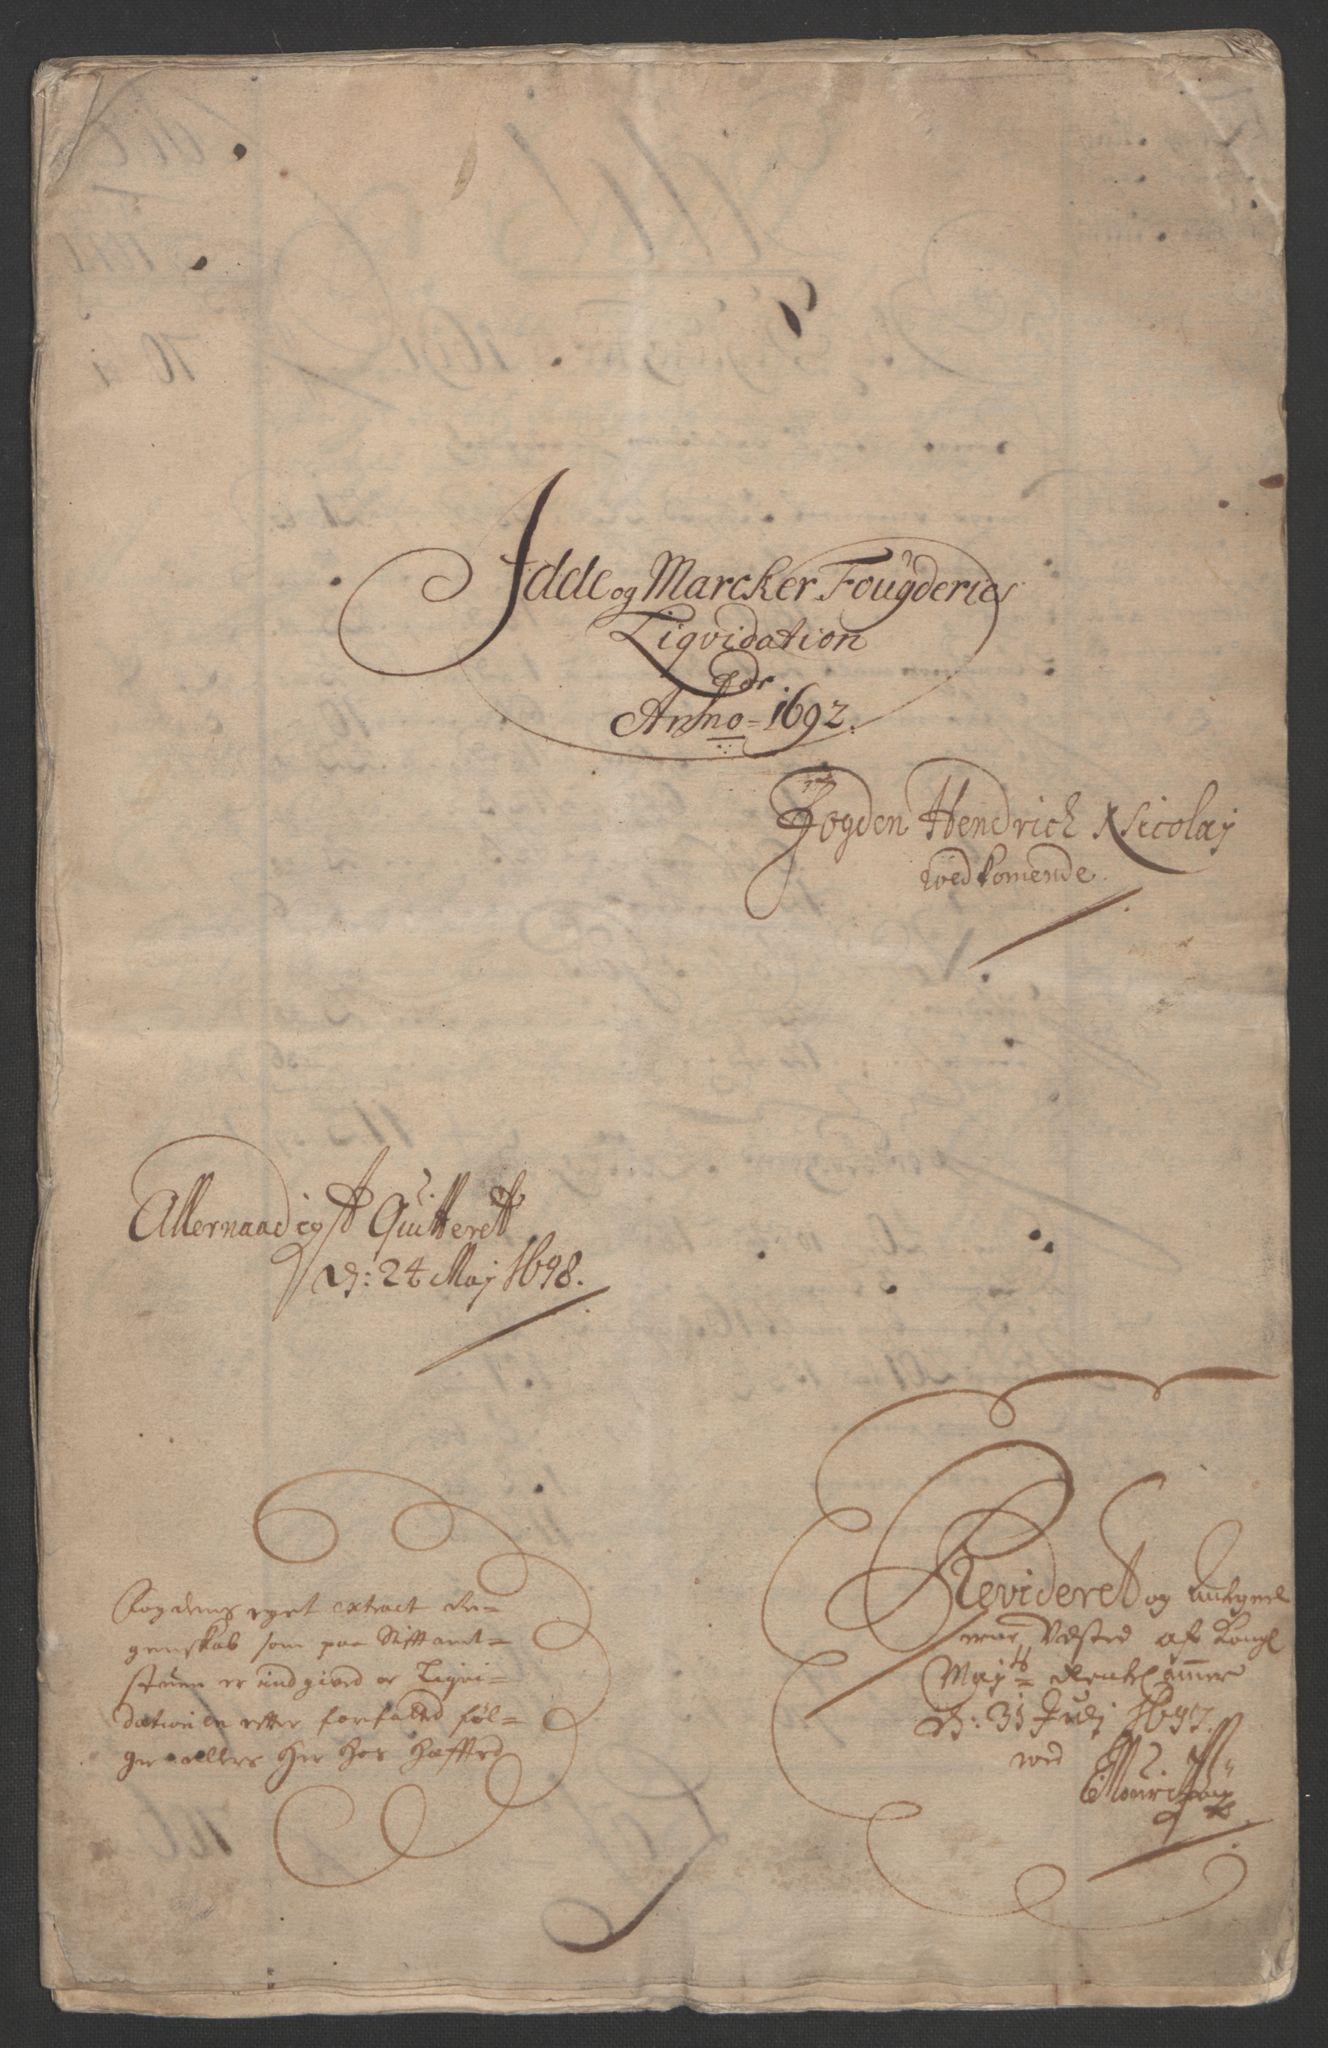 RA, Rentekammeret inntil 1814, Reviderte regnskaper, Fogderegnskap, R01/L0011: Fogderegnskap Idd og Marker, 1692-1693, s. 3